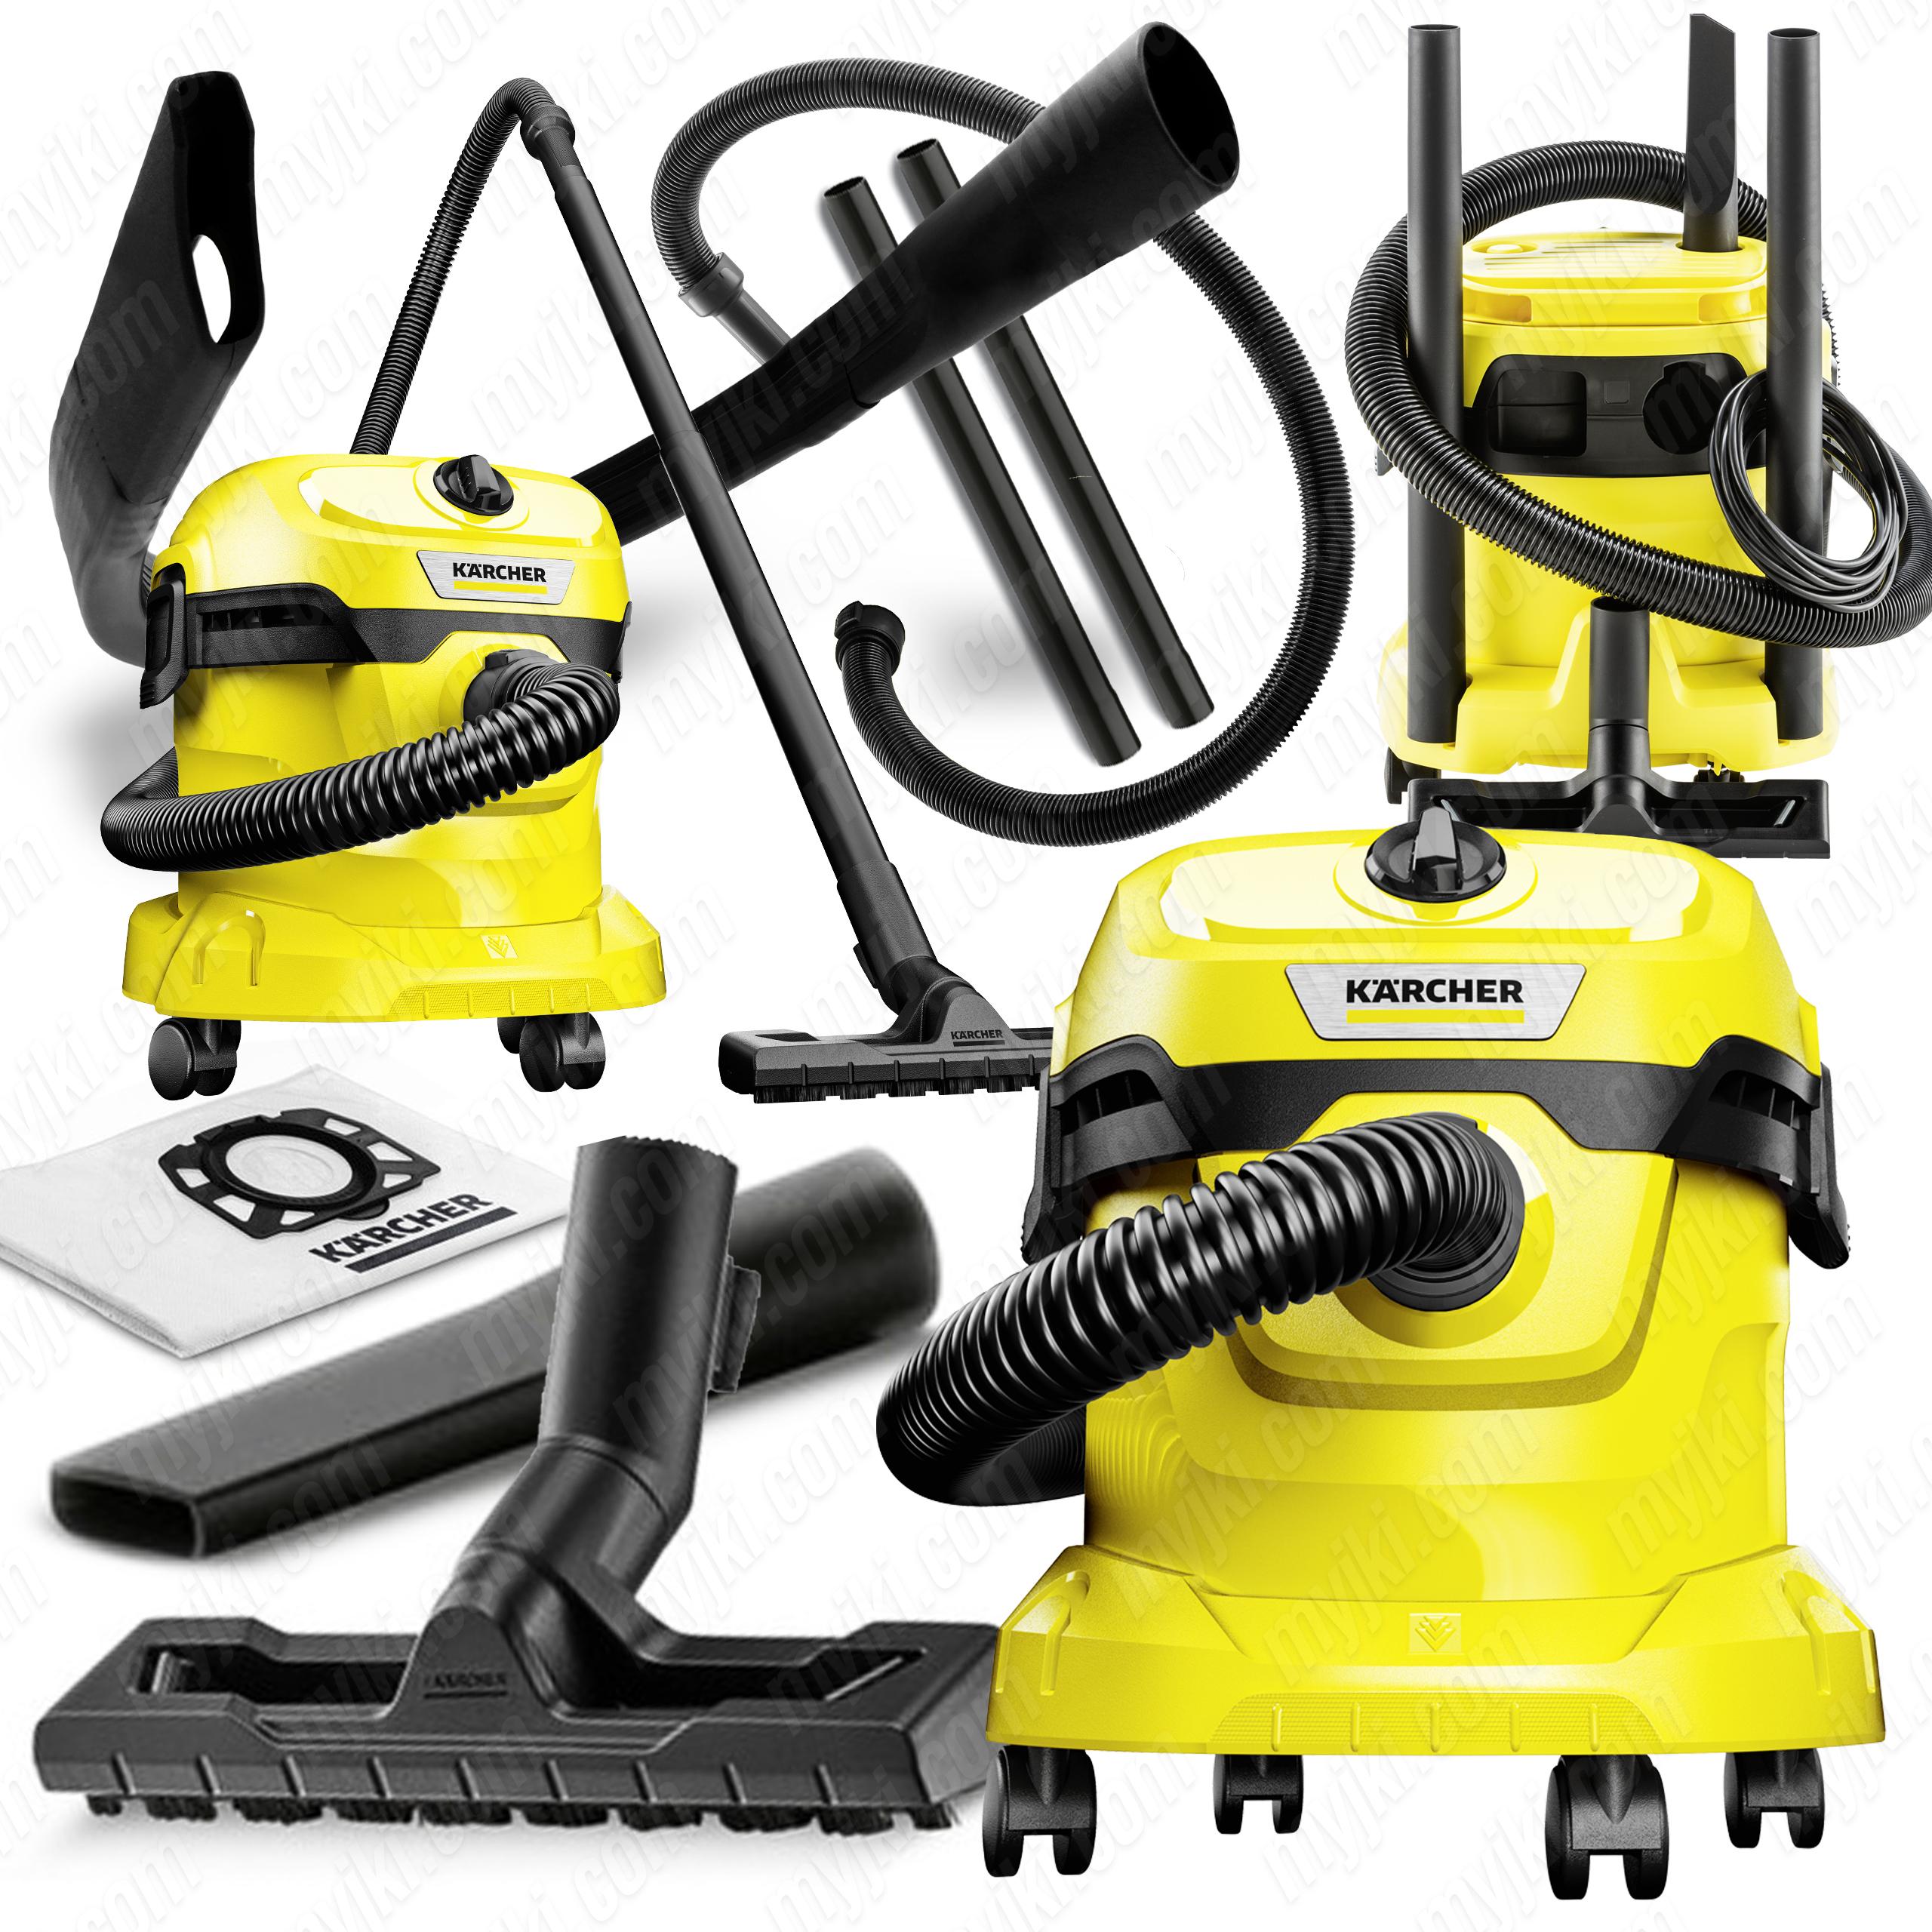 karcher wd2 good karcher wdmv vacuum cleaner with karcher wd2 cool of see more with karcher. Black Bedroom Furniture Sets. Home Design Ideas